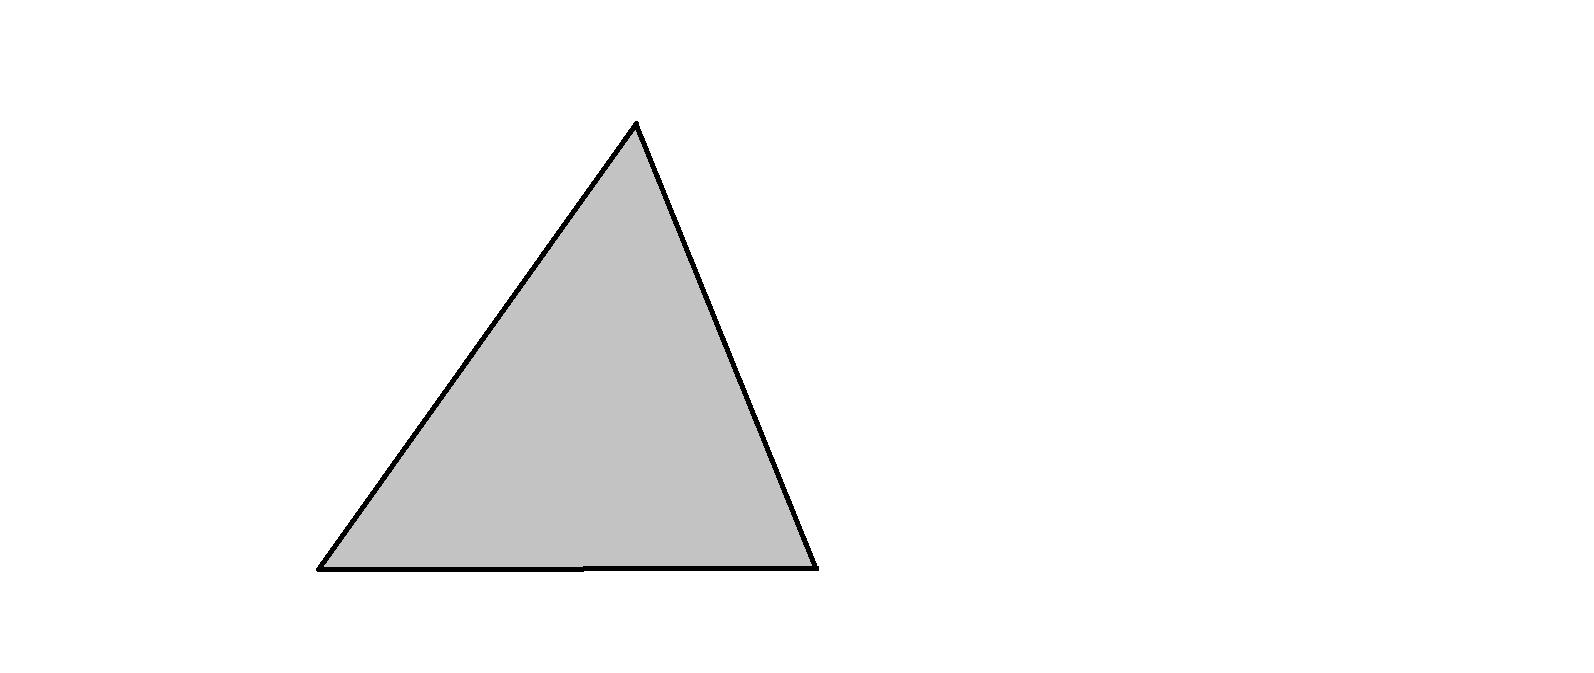 把一个三角形平均分成四份,用阴影表示站三角形面积的图片